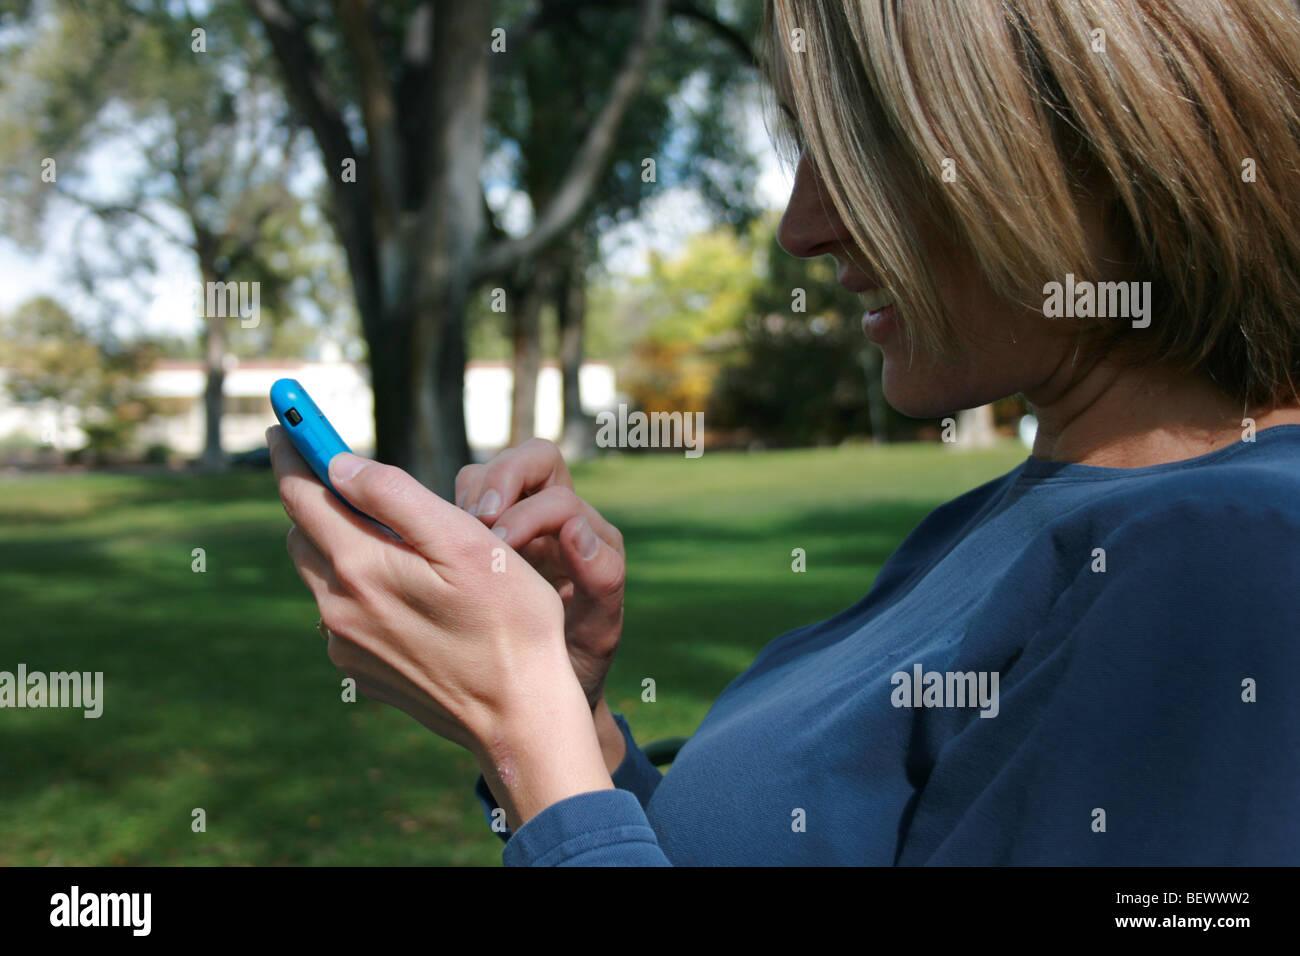 Libre d'une femme à l'aide de son écran tactile i-phone, assis dans un parc Photo Stock